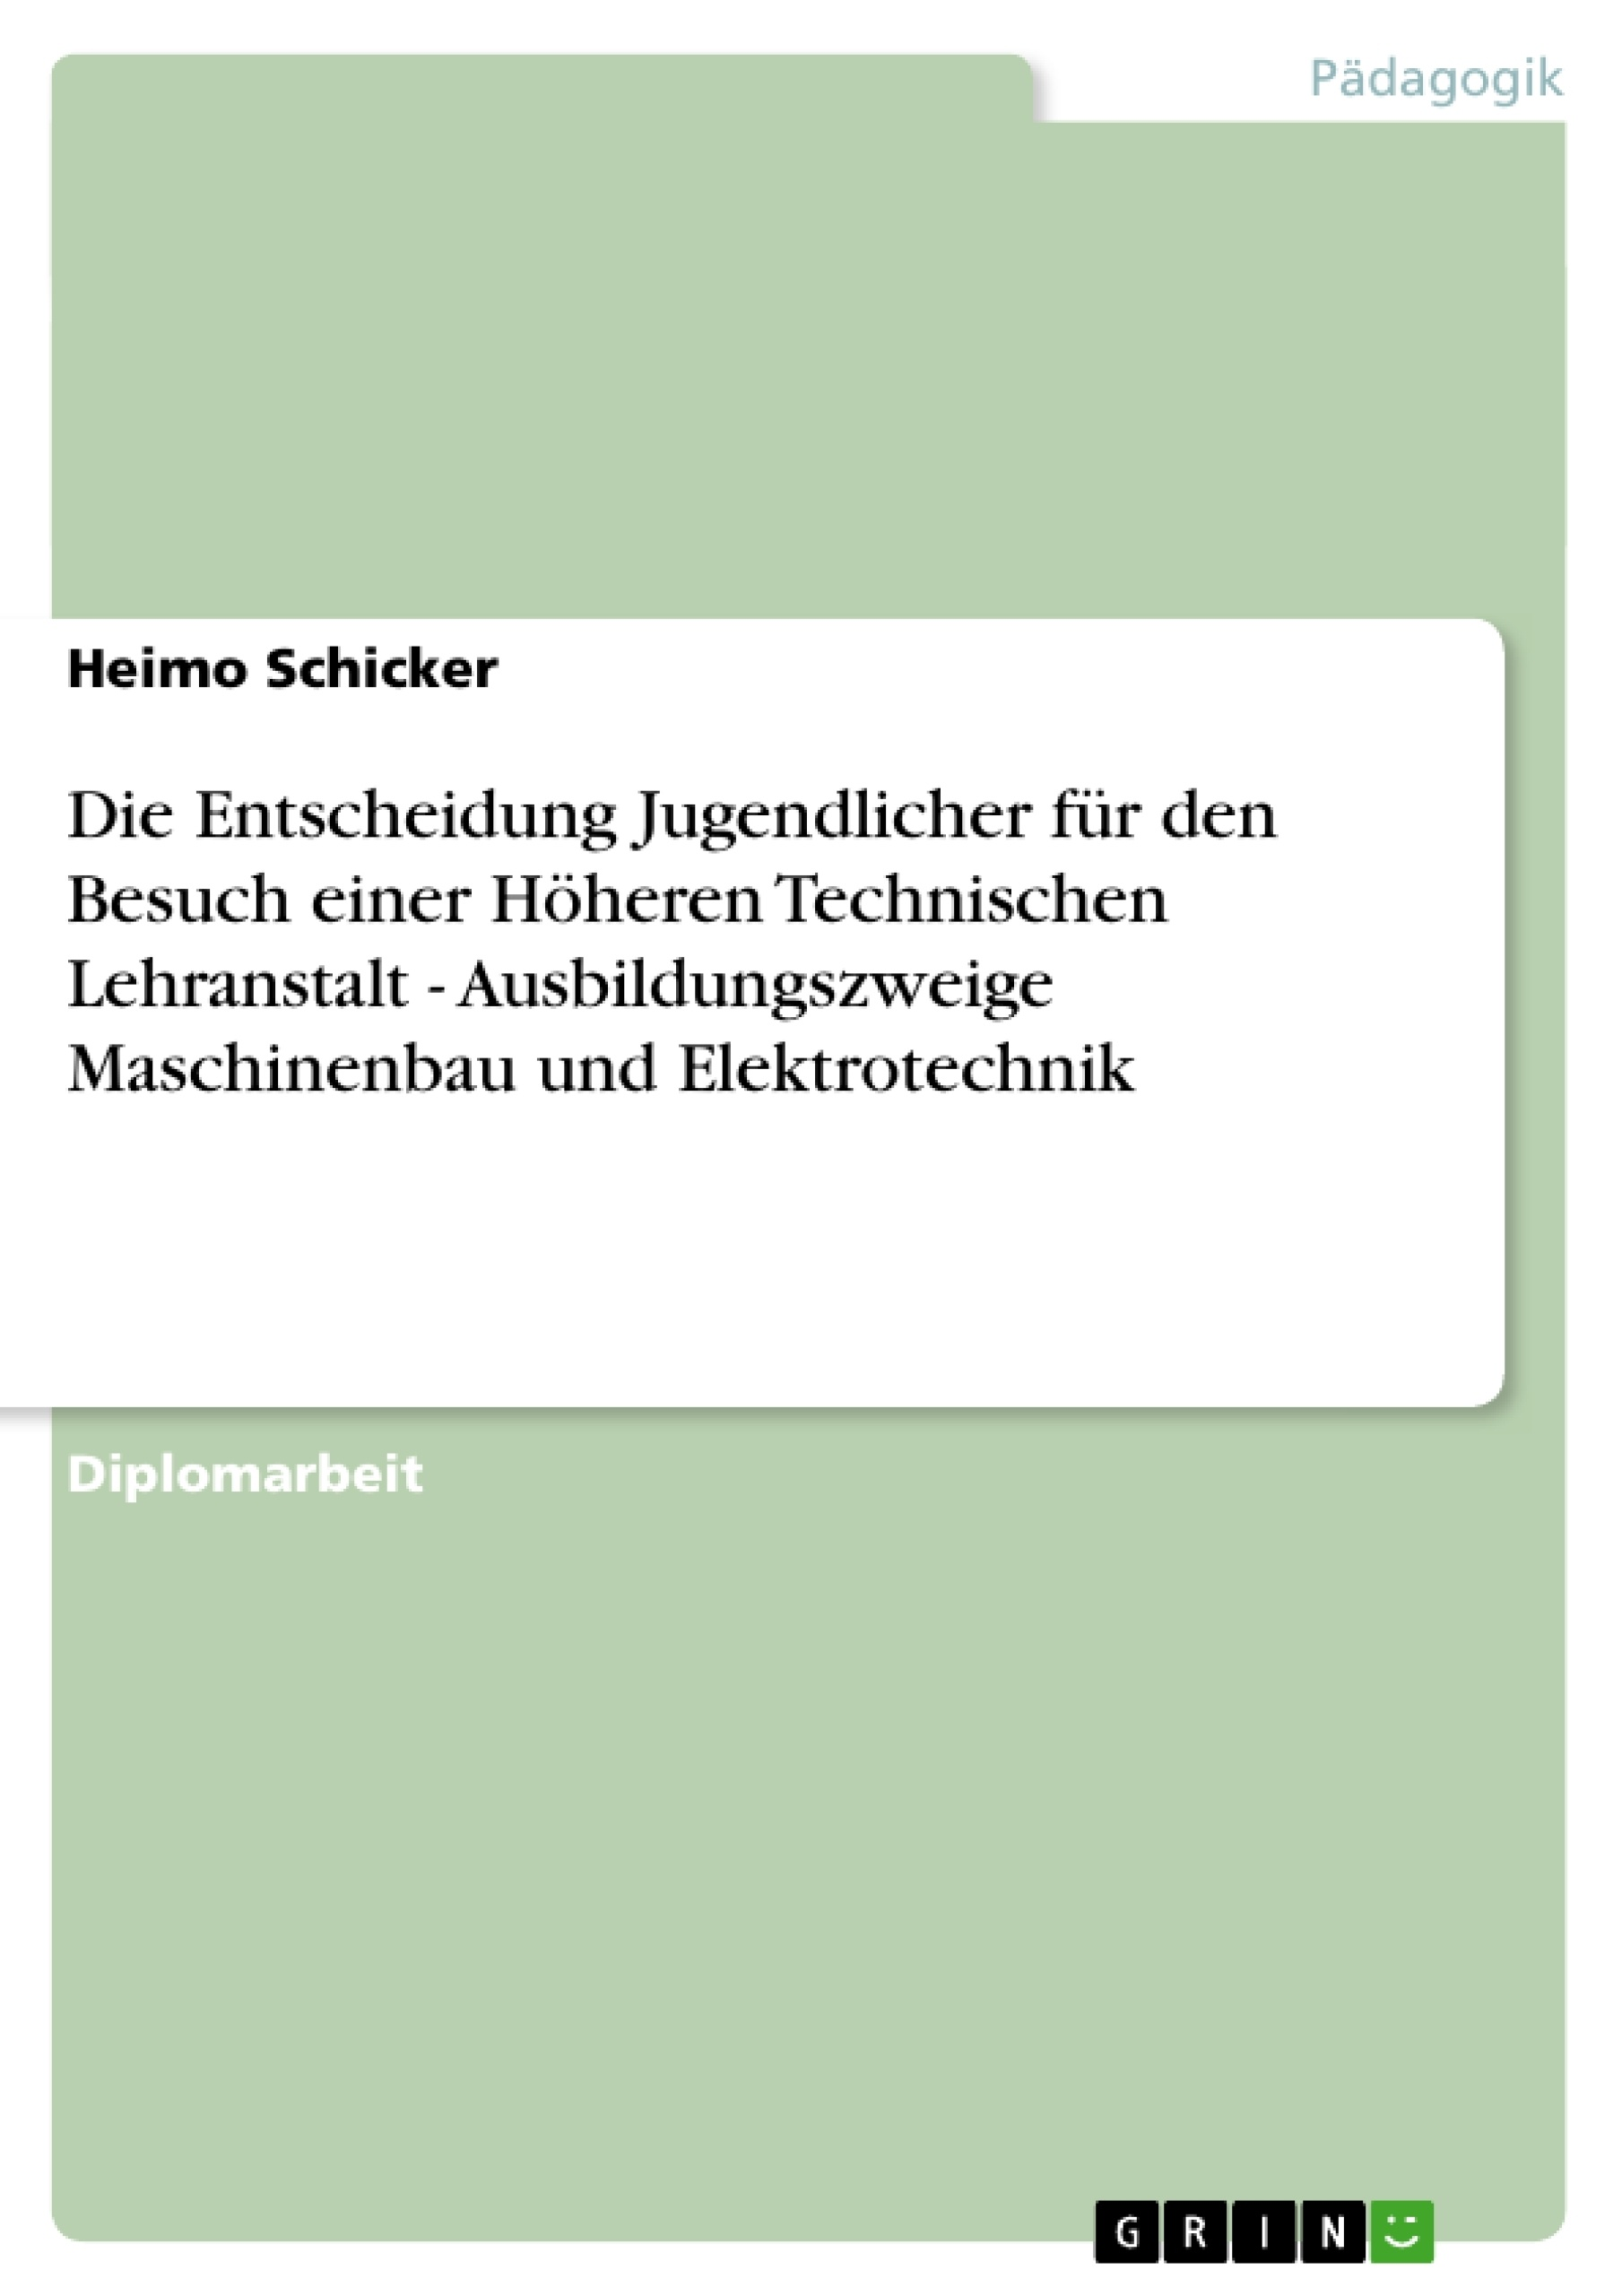 Titel: Die Entscheidung Jugendlicher für den Besuch einer Höheren Technischen Lehranstalt - Ausbildungszweige Maschinenbau und Elektrotechnik